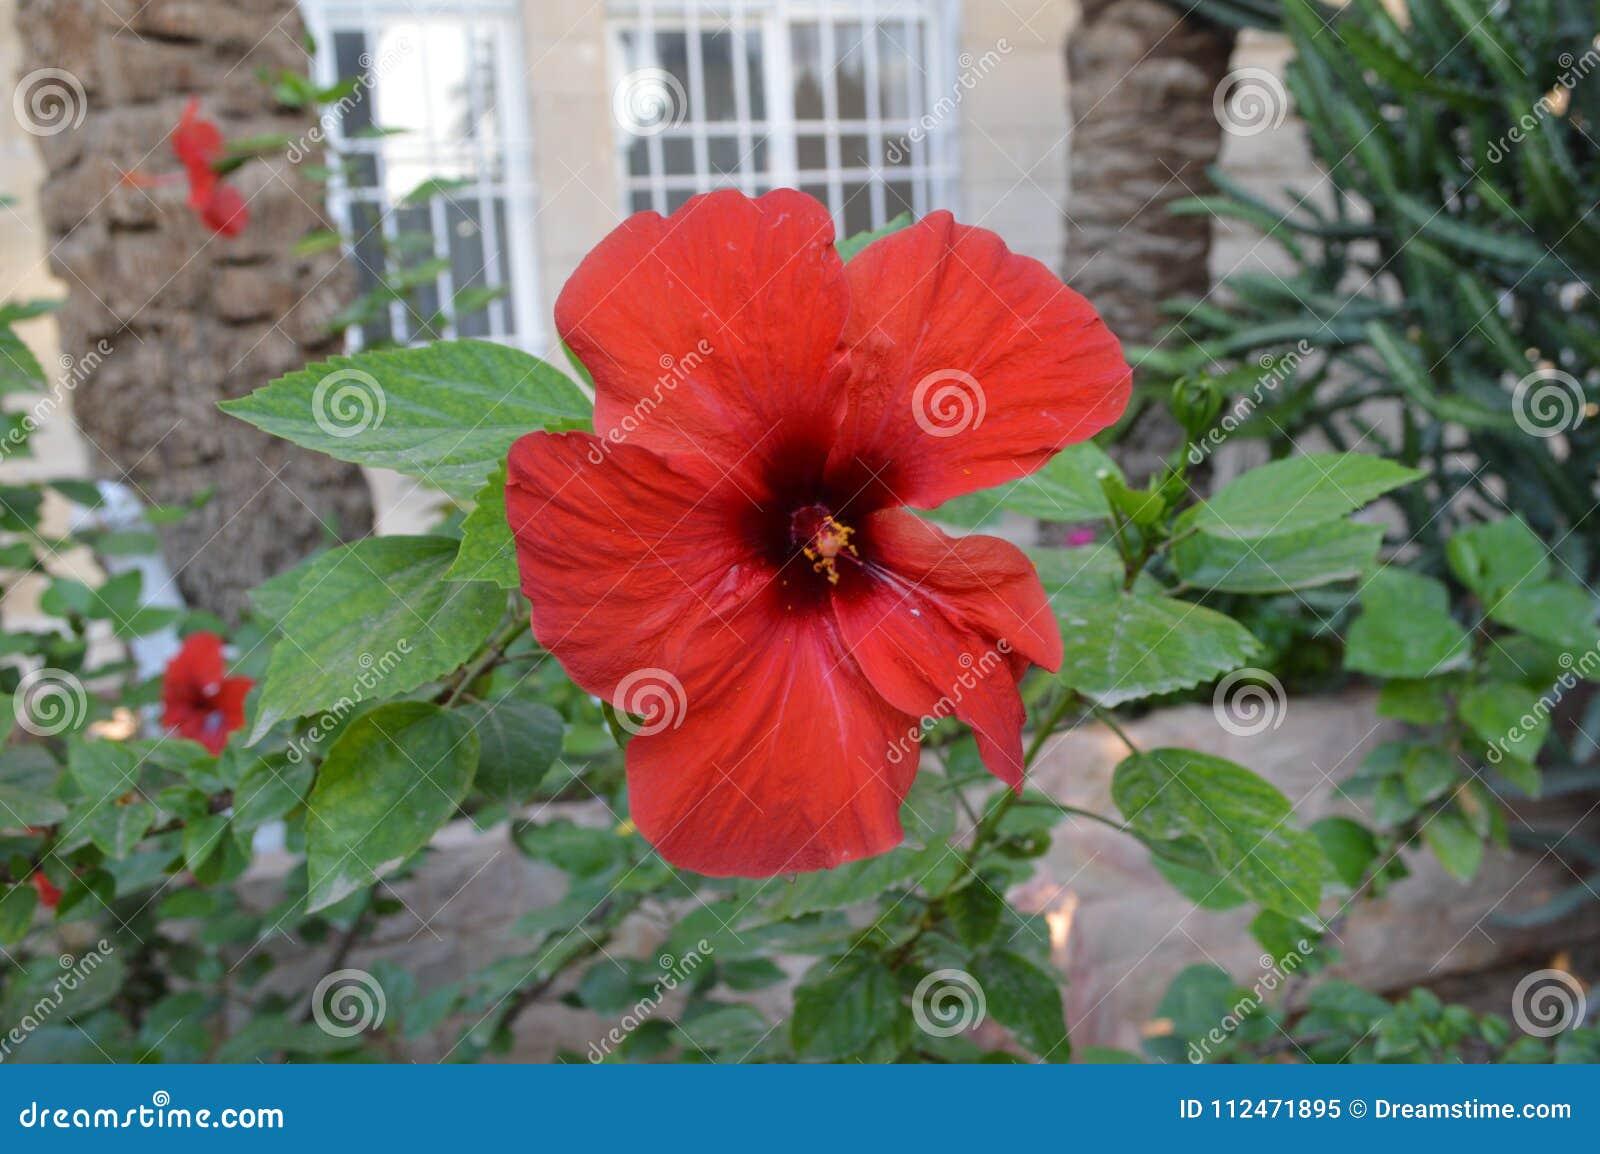 A beautiful red flower in a village garden stock image image of a beautiful red flower in a village garden izmirmasajfo